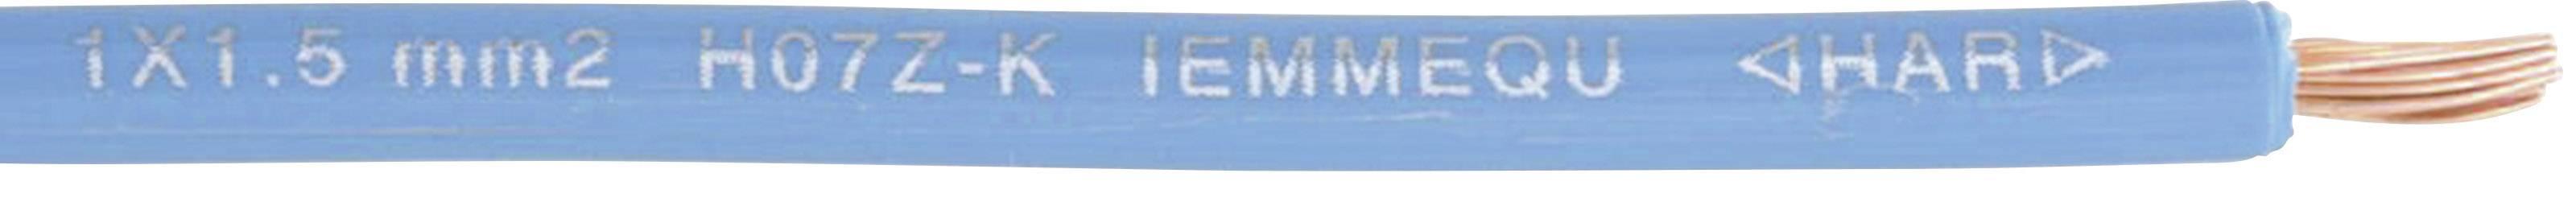 Opletenie / lanko Faber Kabel 040289 H05Z-K, 1 x 0.50 mm², vonkajší Ø 1.90 mm, 100 m, hnedá